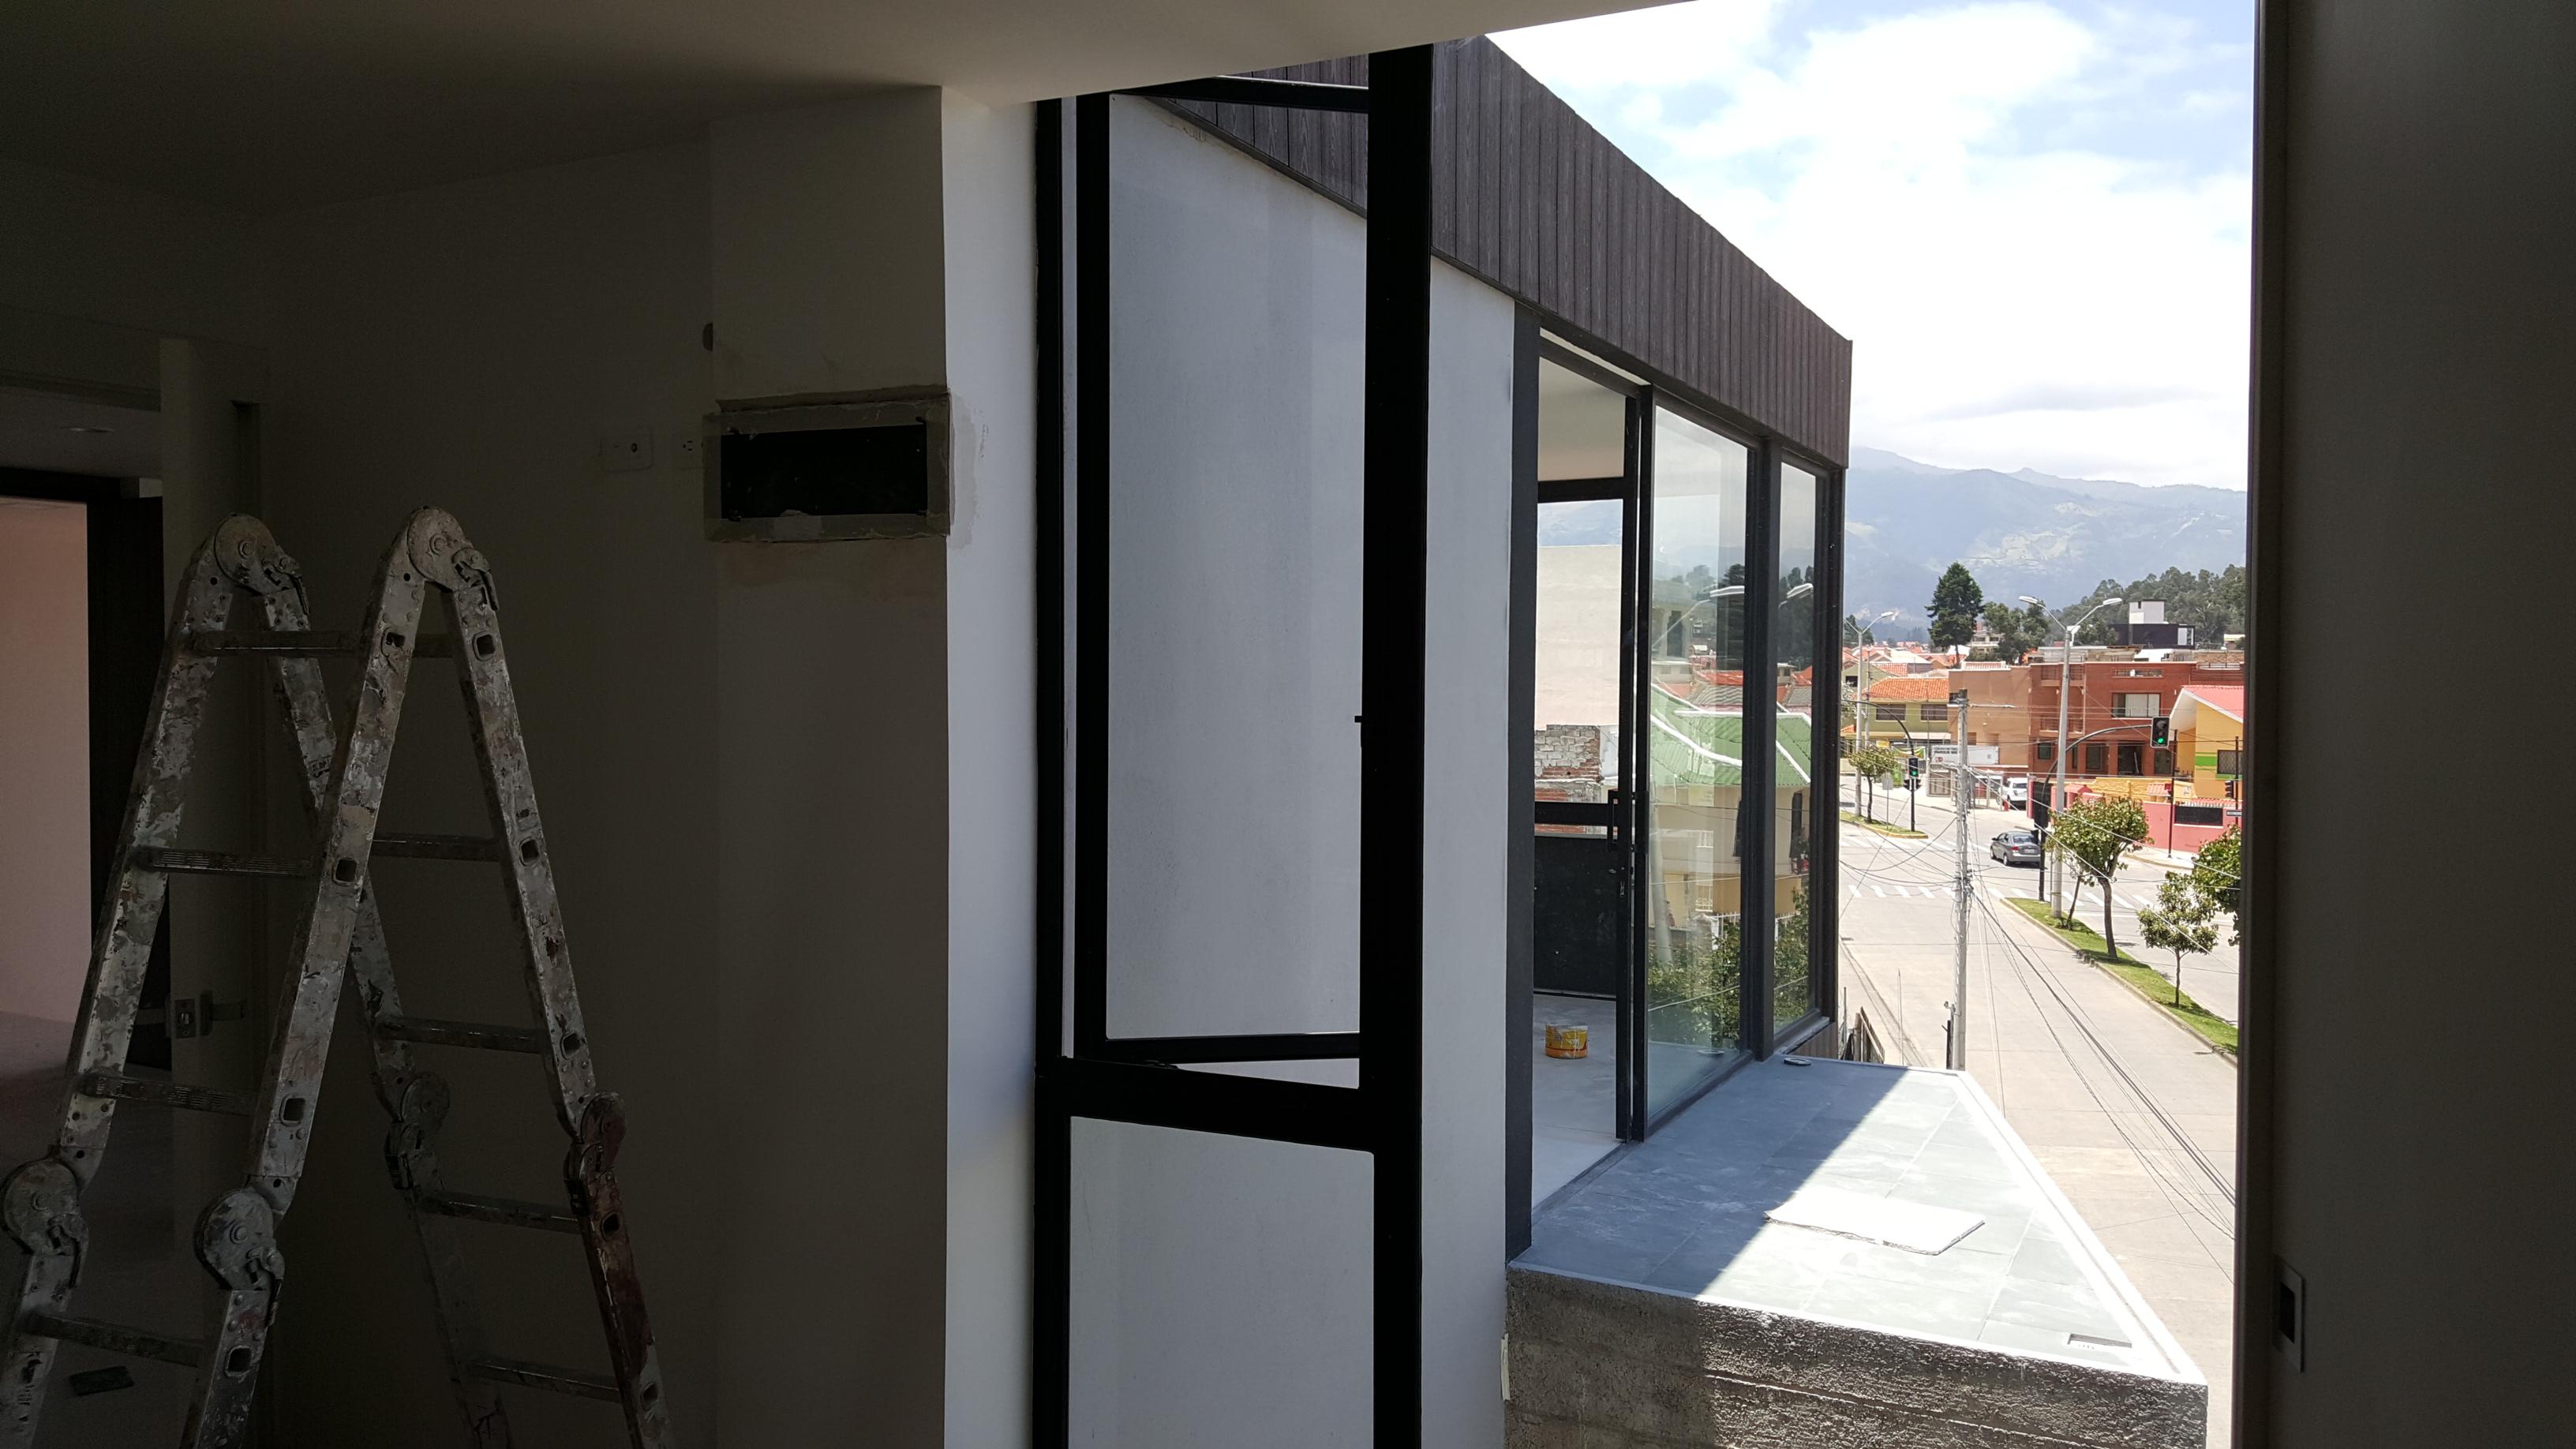 Modelos de ventanas de aluminio 2016 casas cuenca for Modelos de ventanas de aluminio para casas